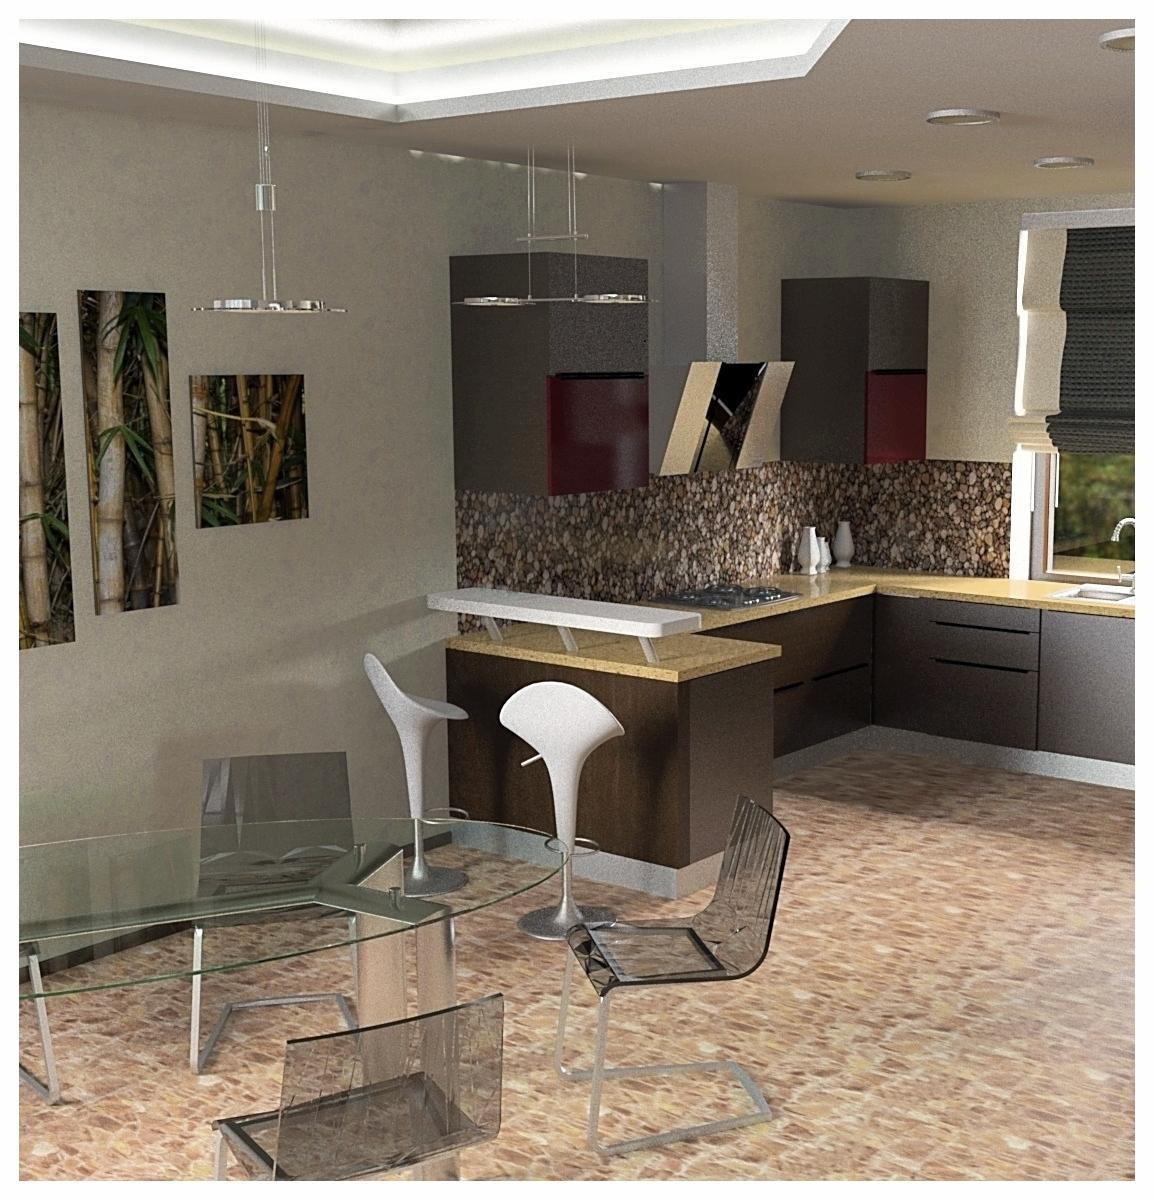 Дизайн интерьеров дома. Кухня 3.